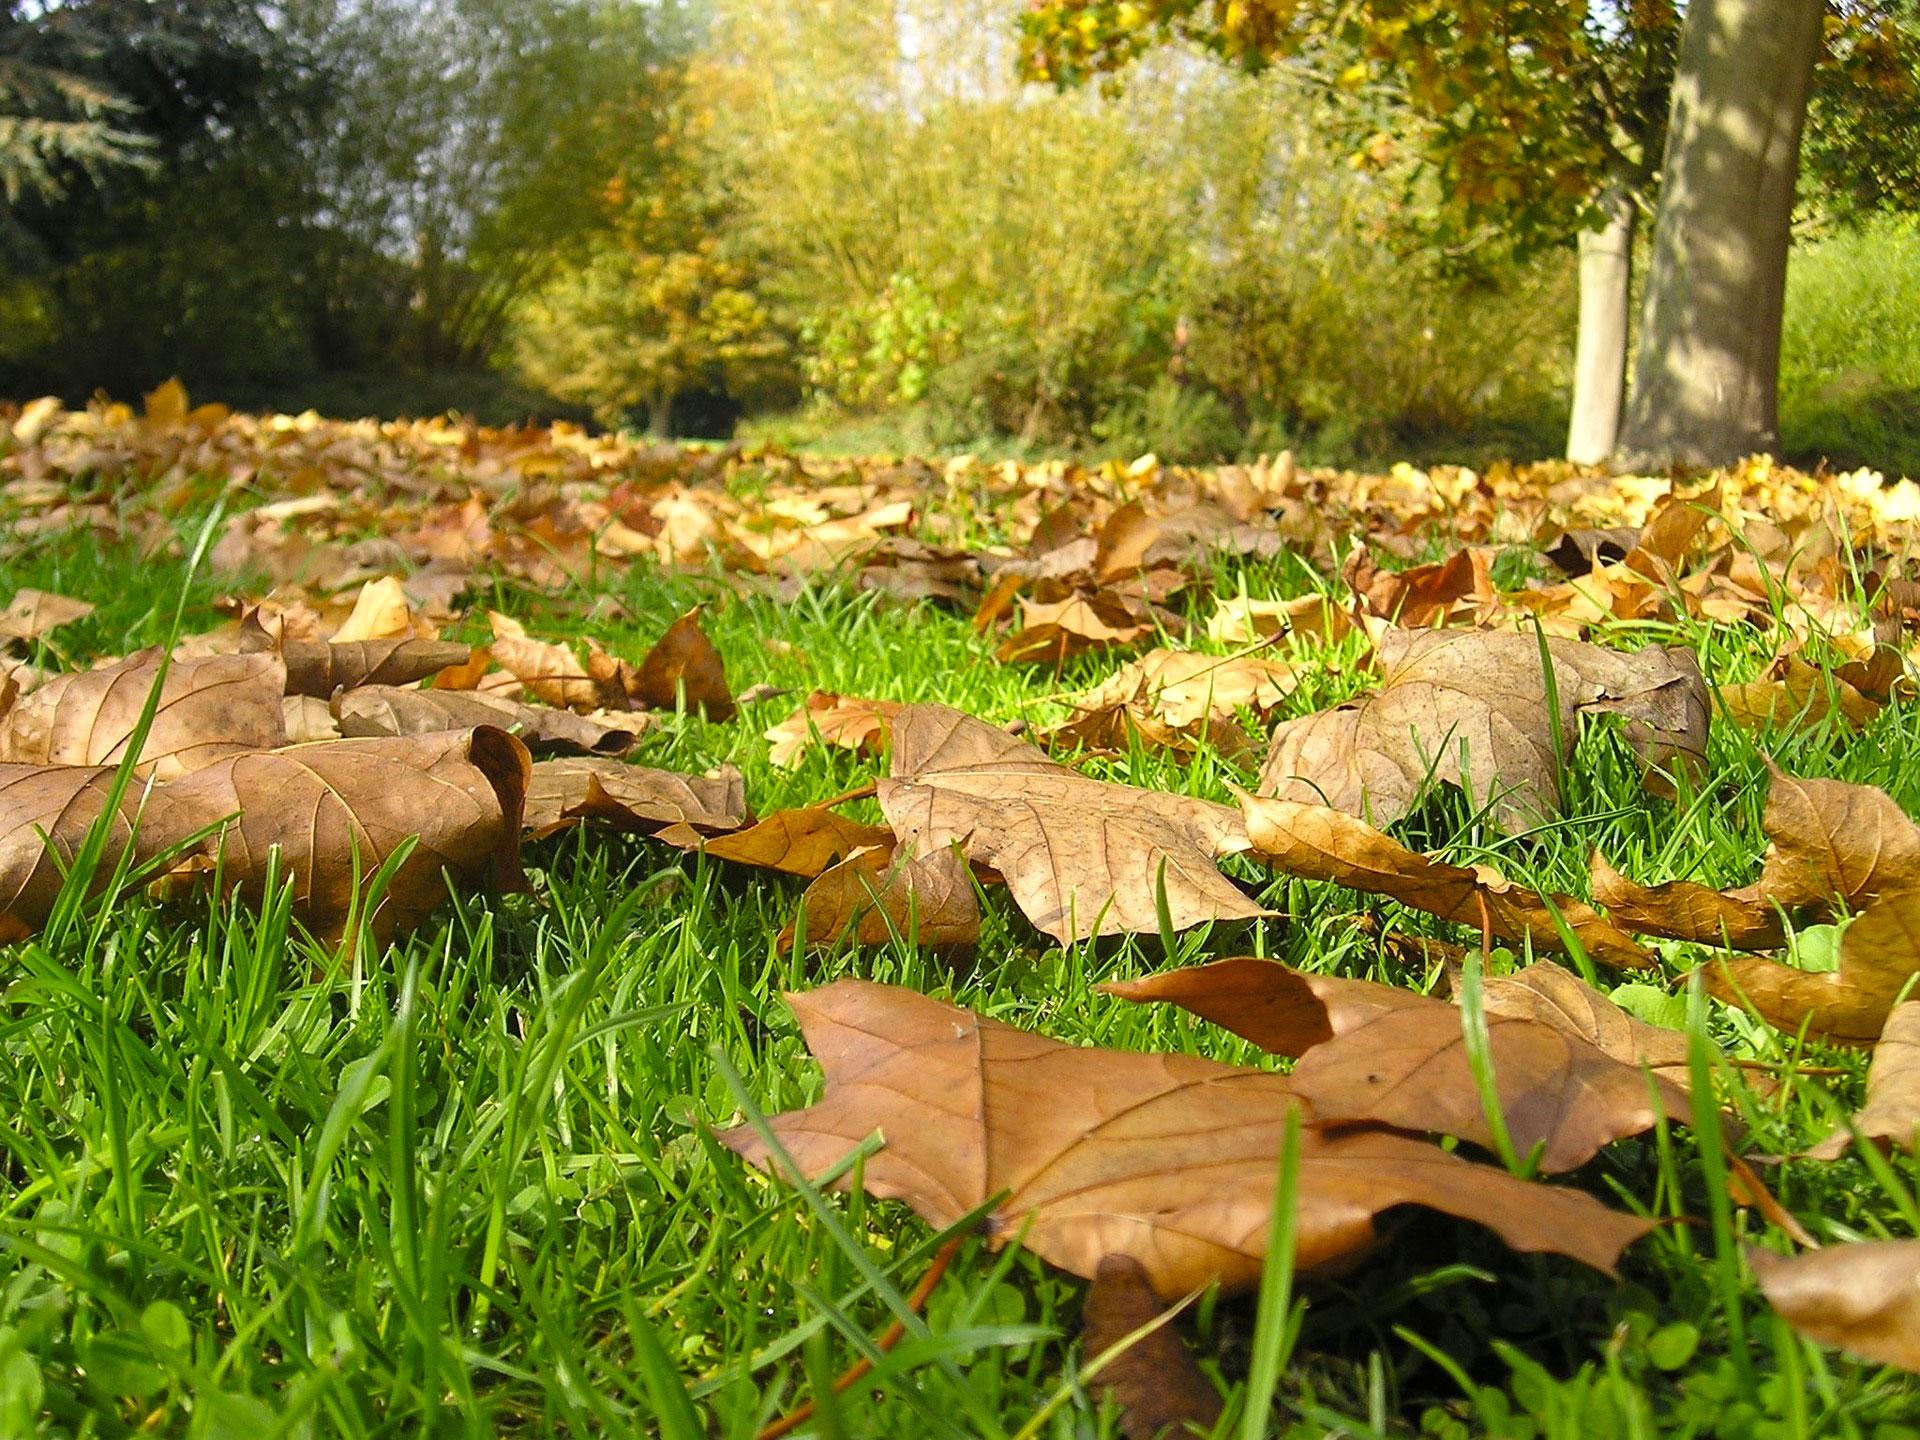 Compost De Feuilles D Érable comment utiliser les feuilles mortes au jardin ? - blog jardin